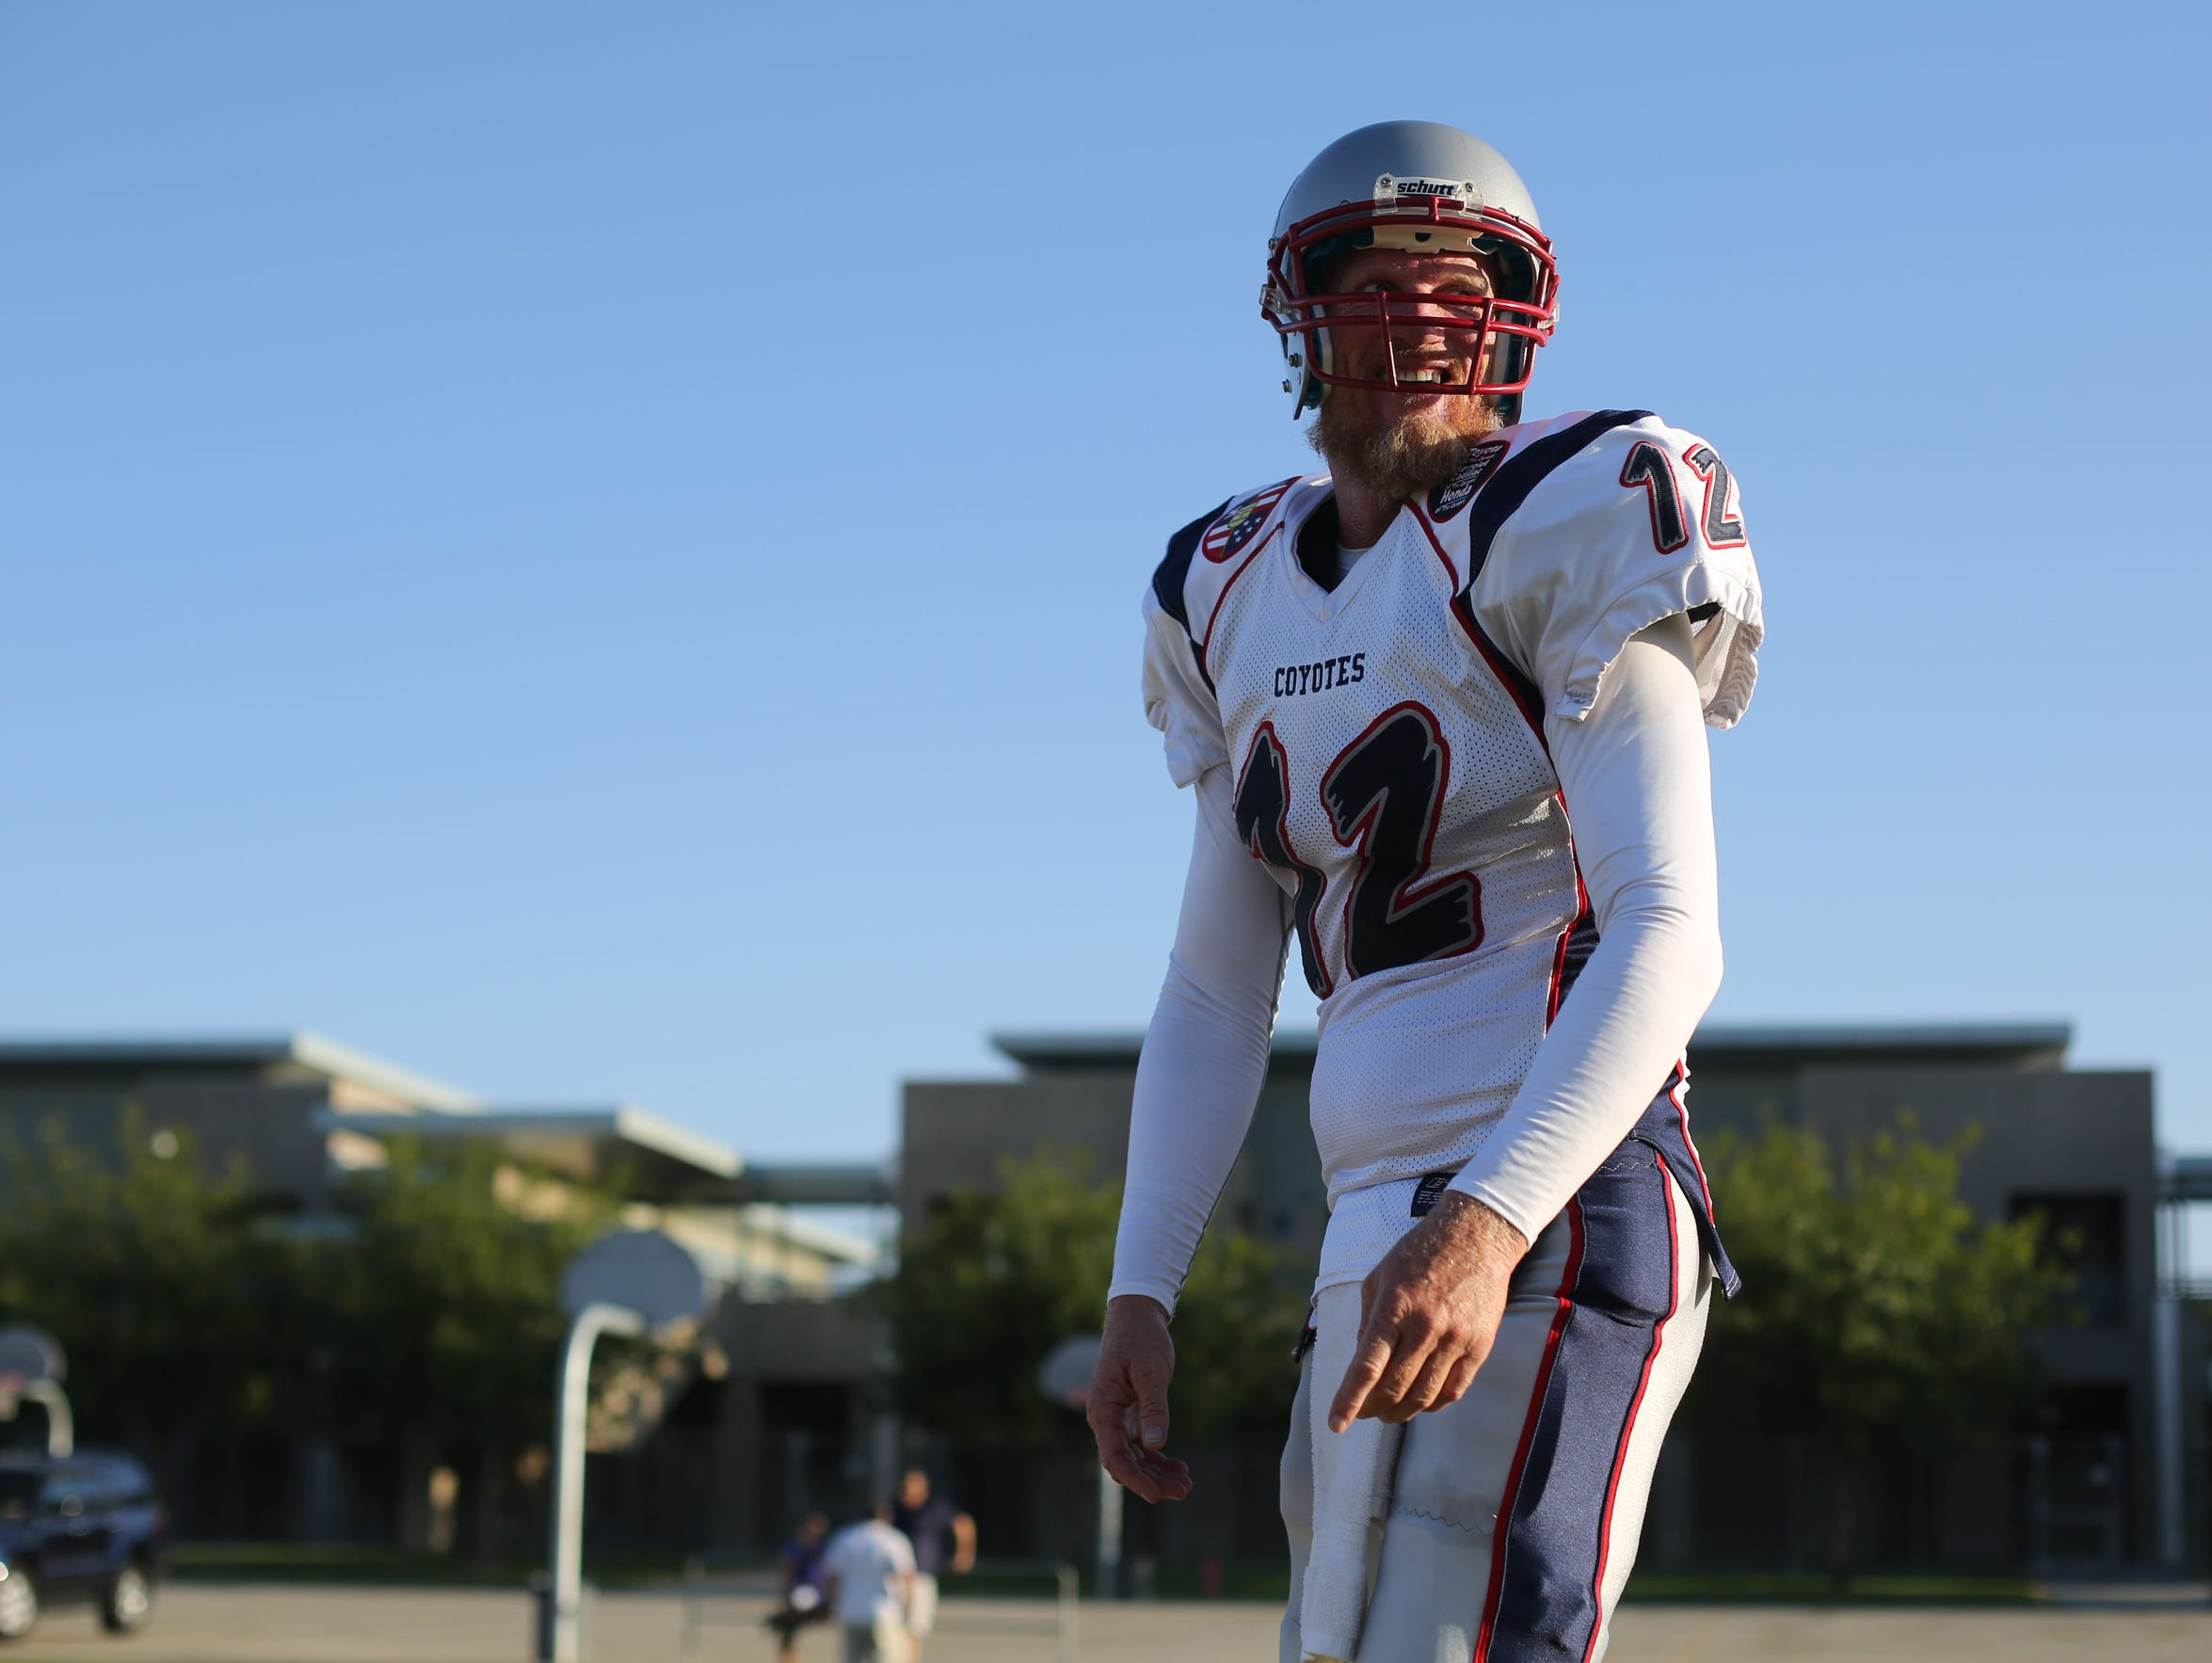 Former USC and Oakland Raiders quarterback Todd Marinovich,